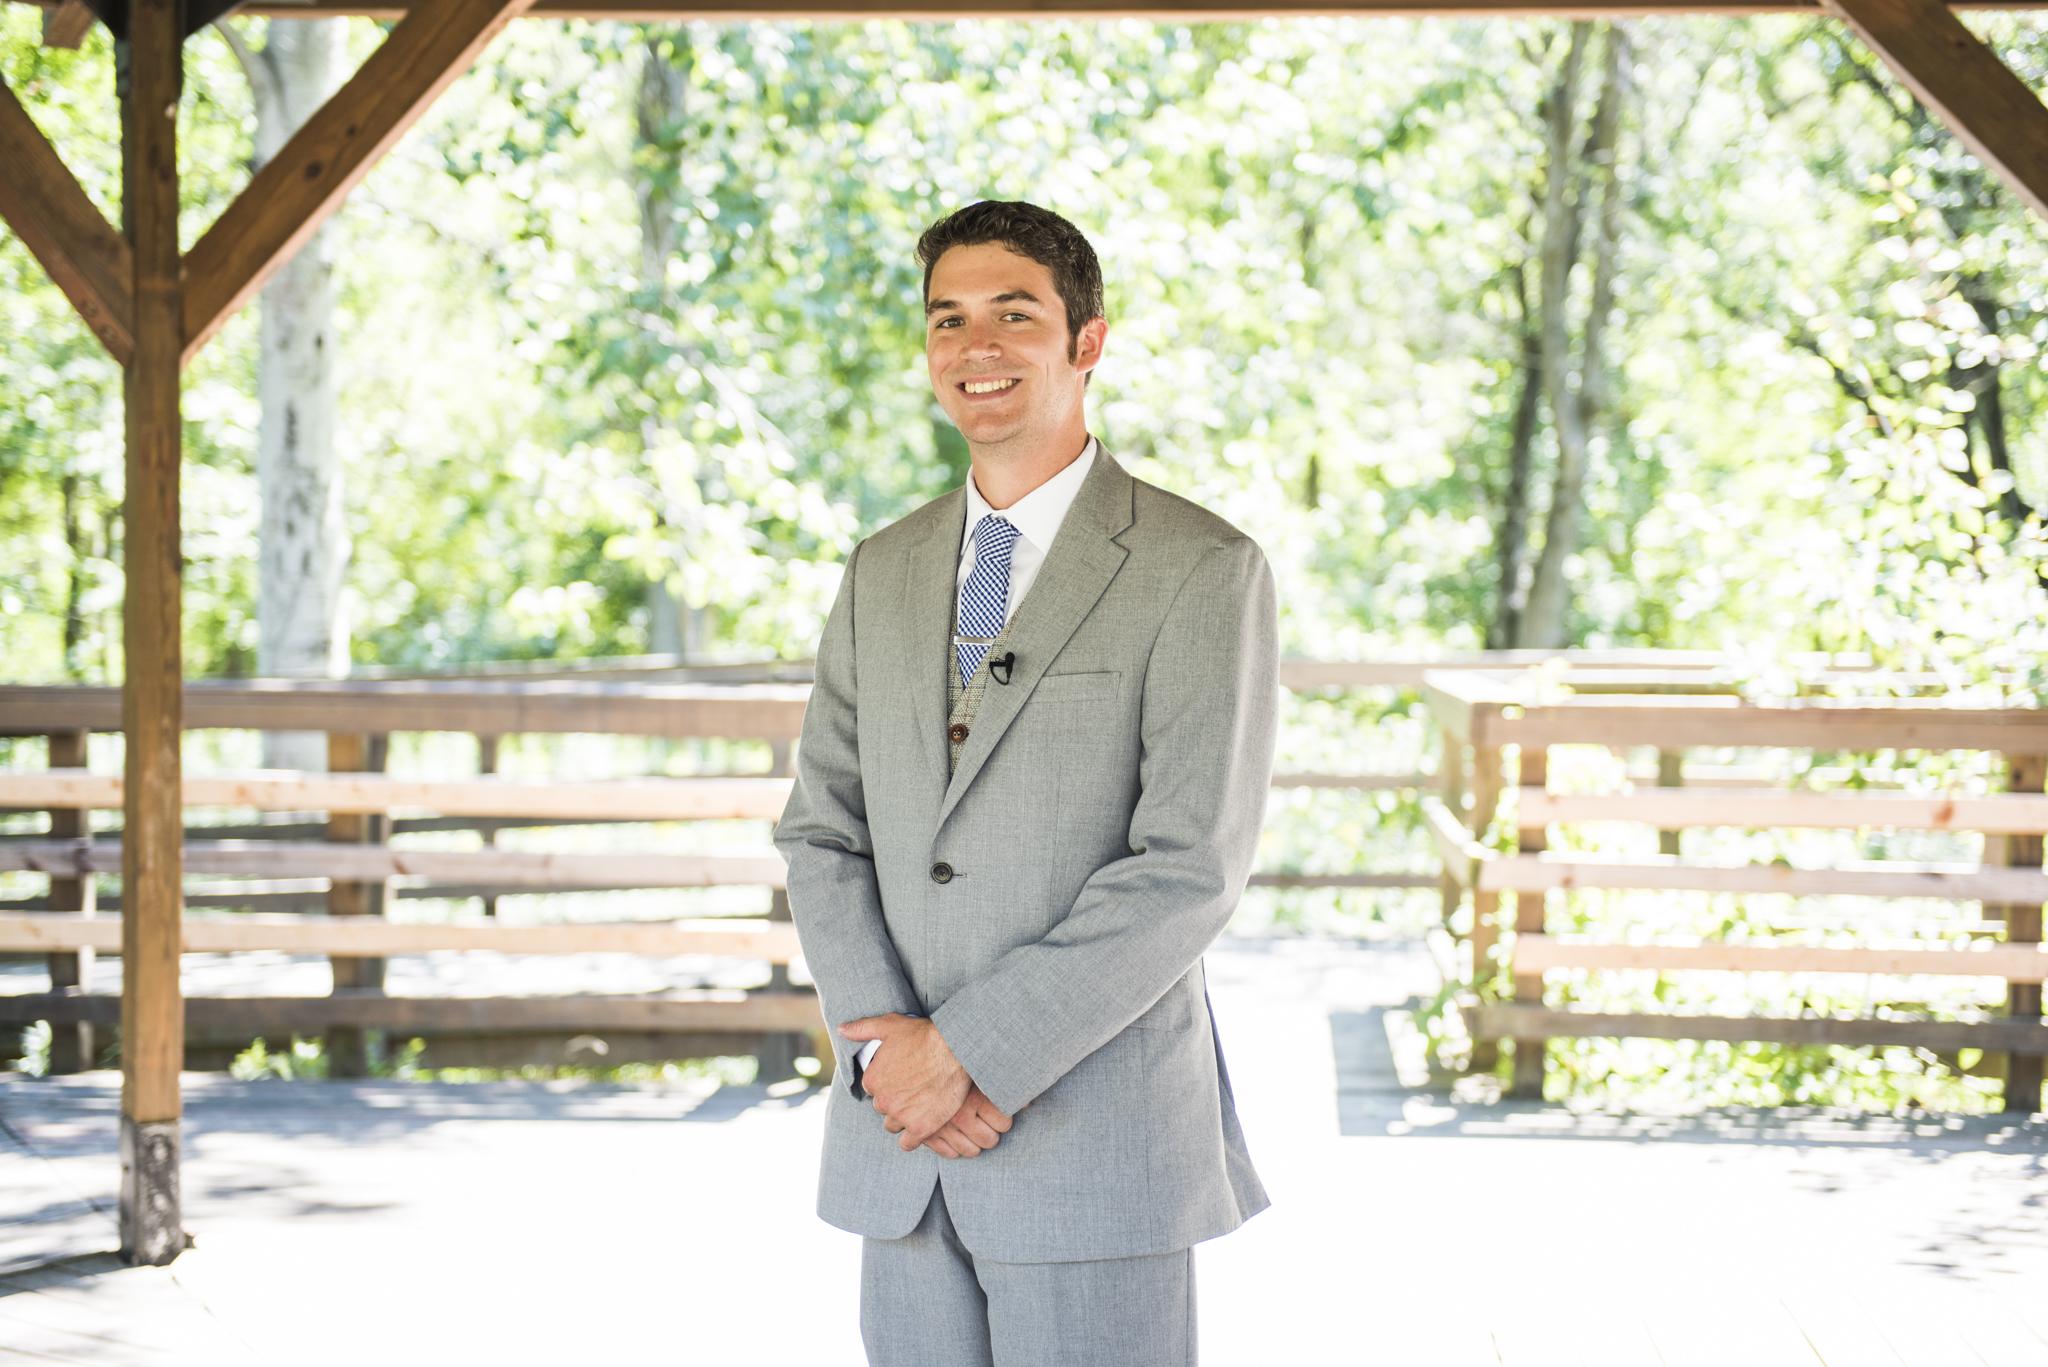 HeatherMike-Wedding-Online-FirstLook-3.jpg